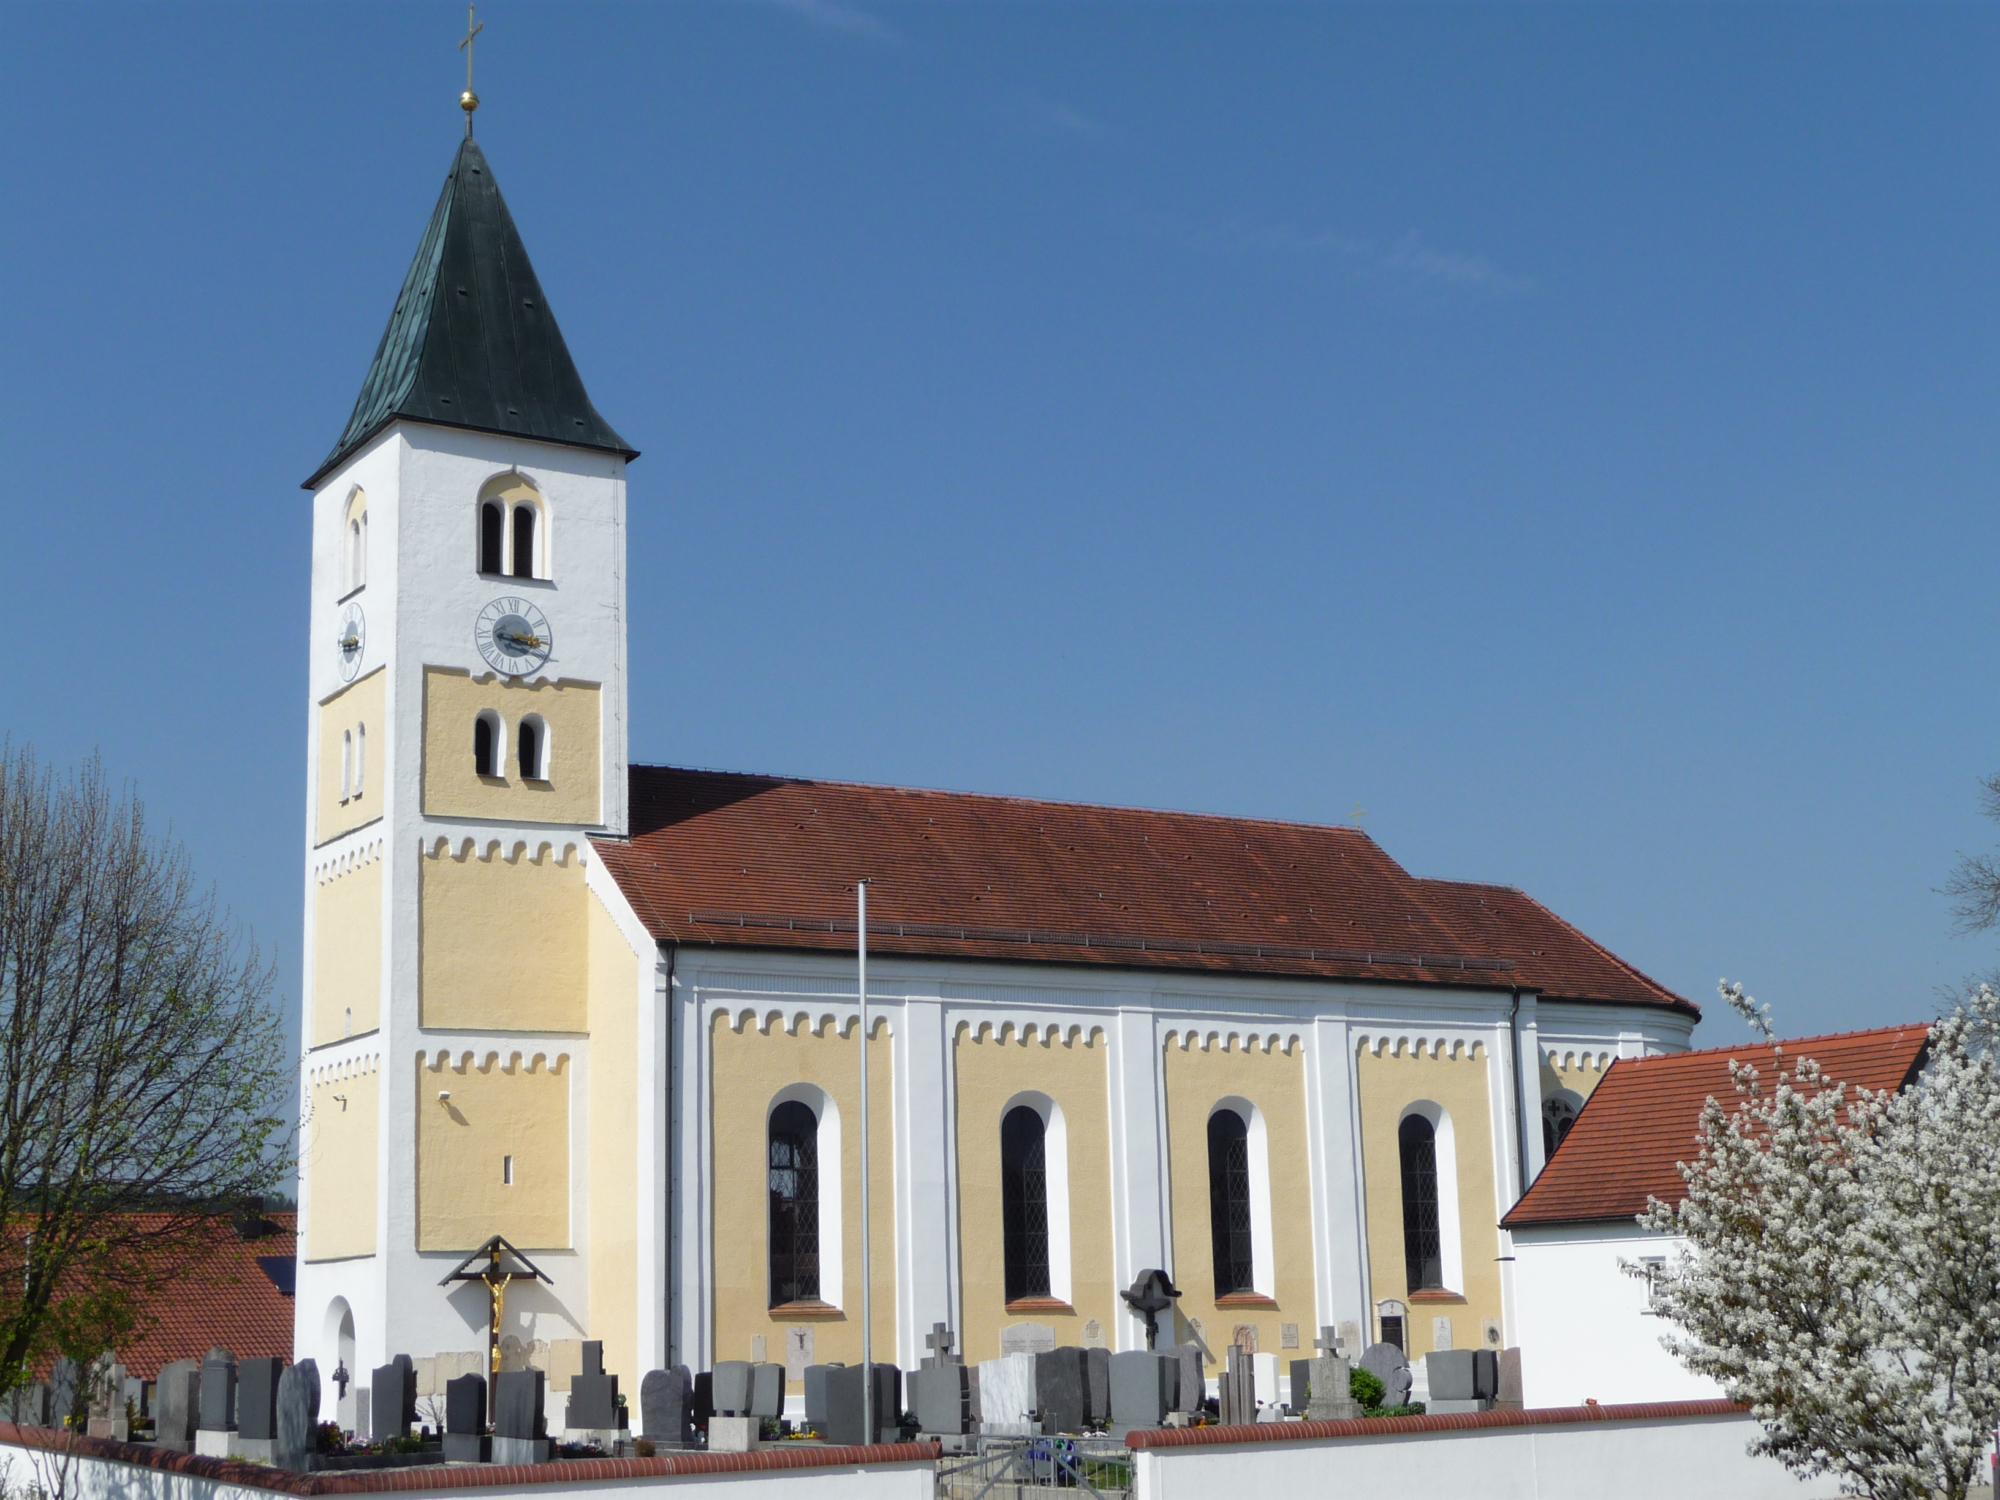 Pfarrkirche MC3 B Cnchsdorf